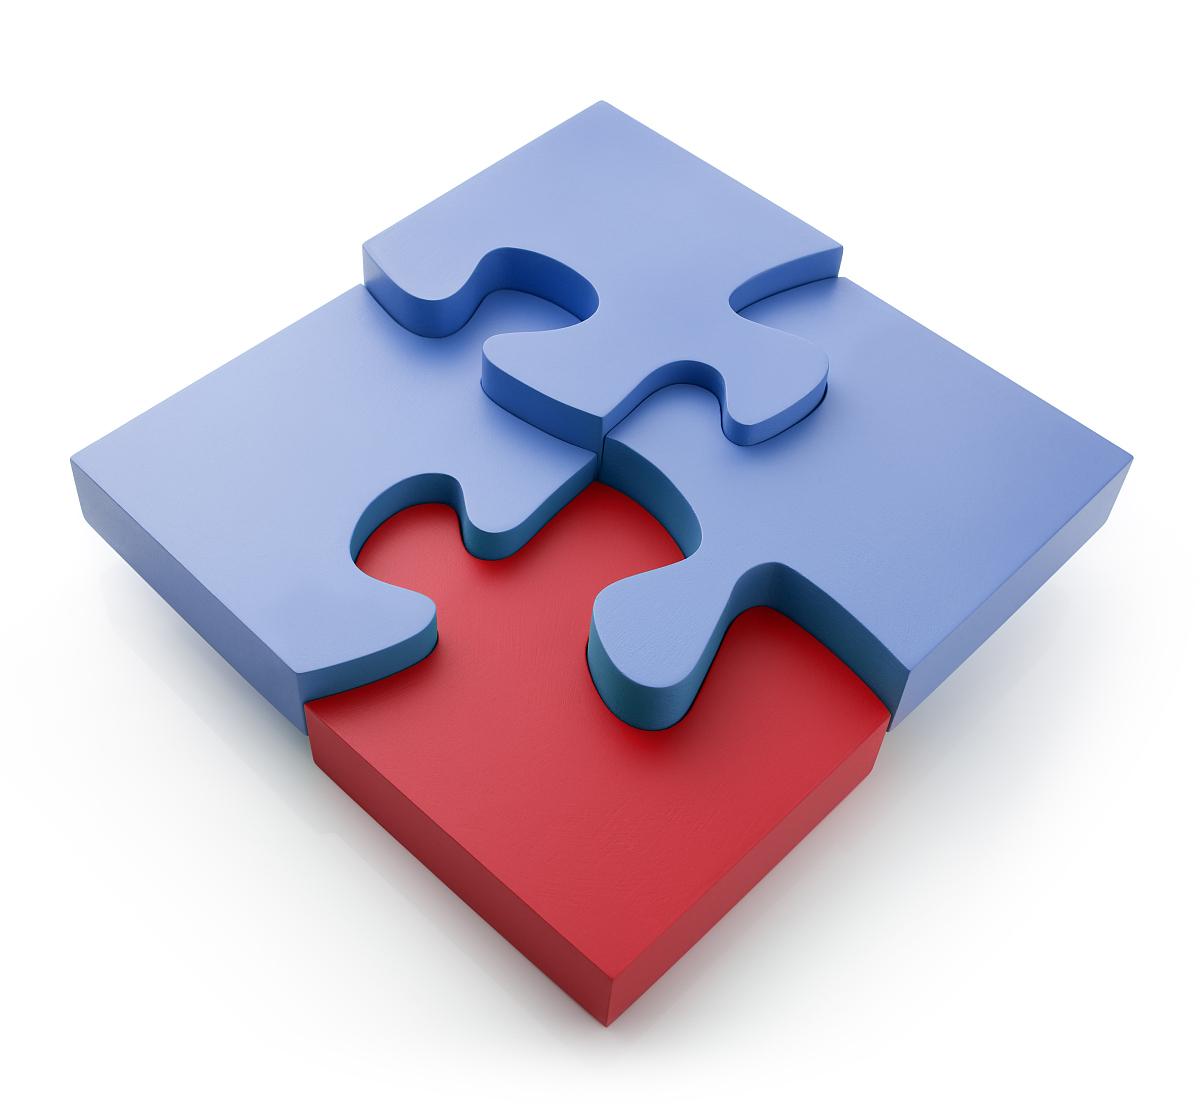 形成正方形的蓝红色拼图